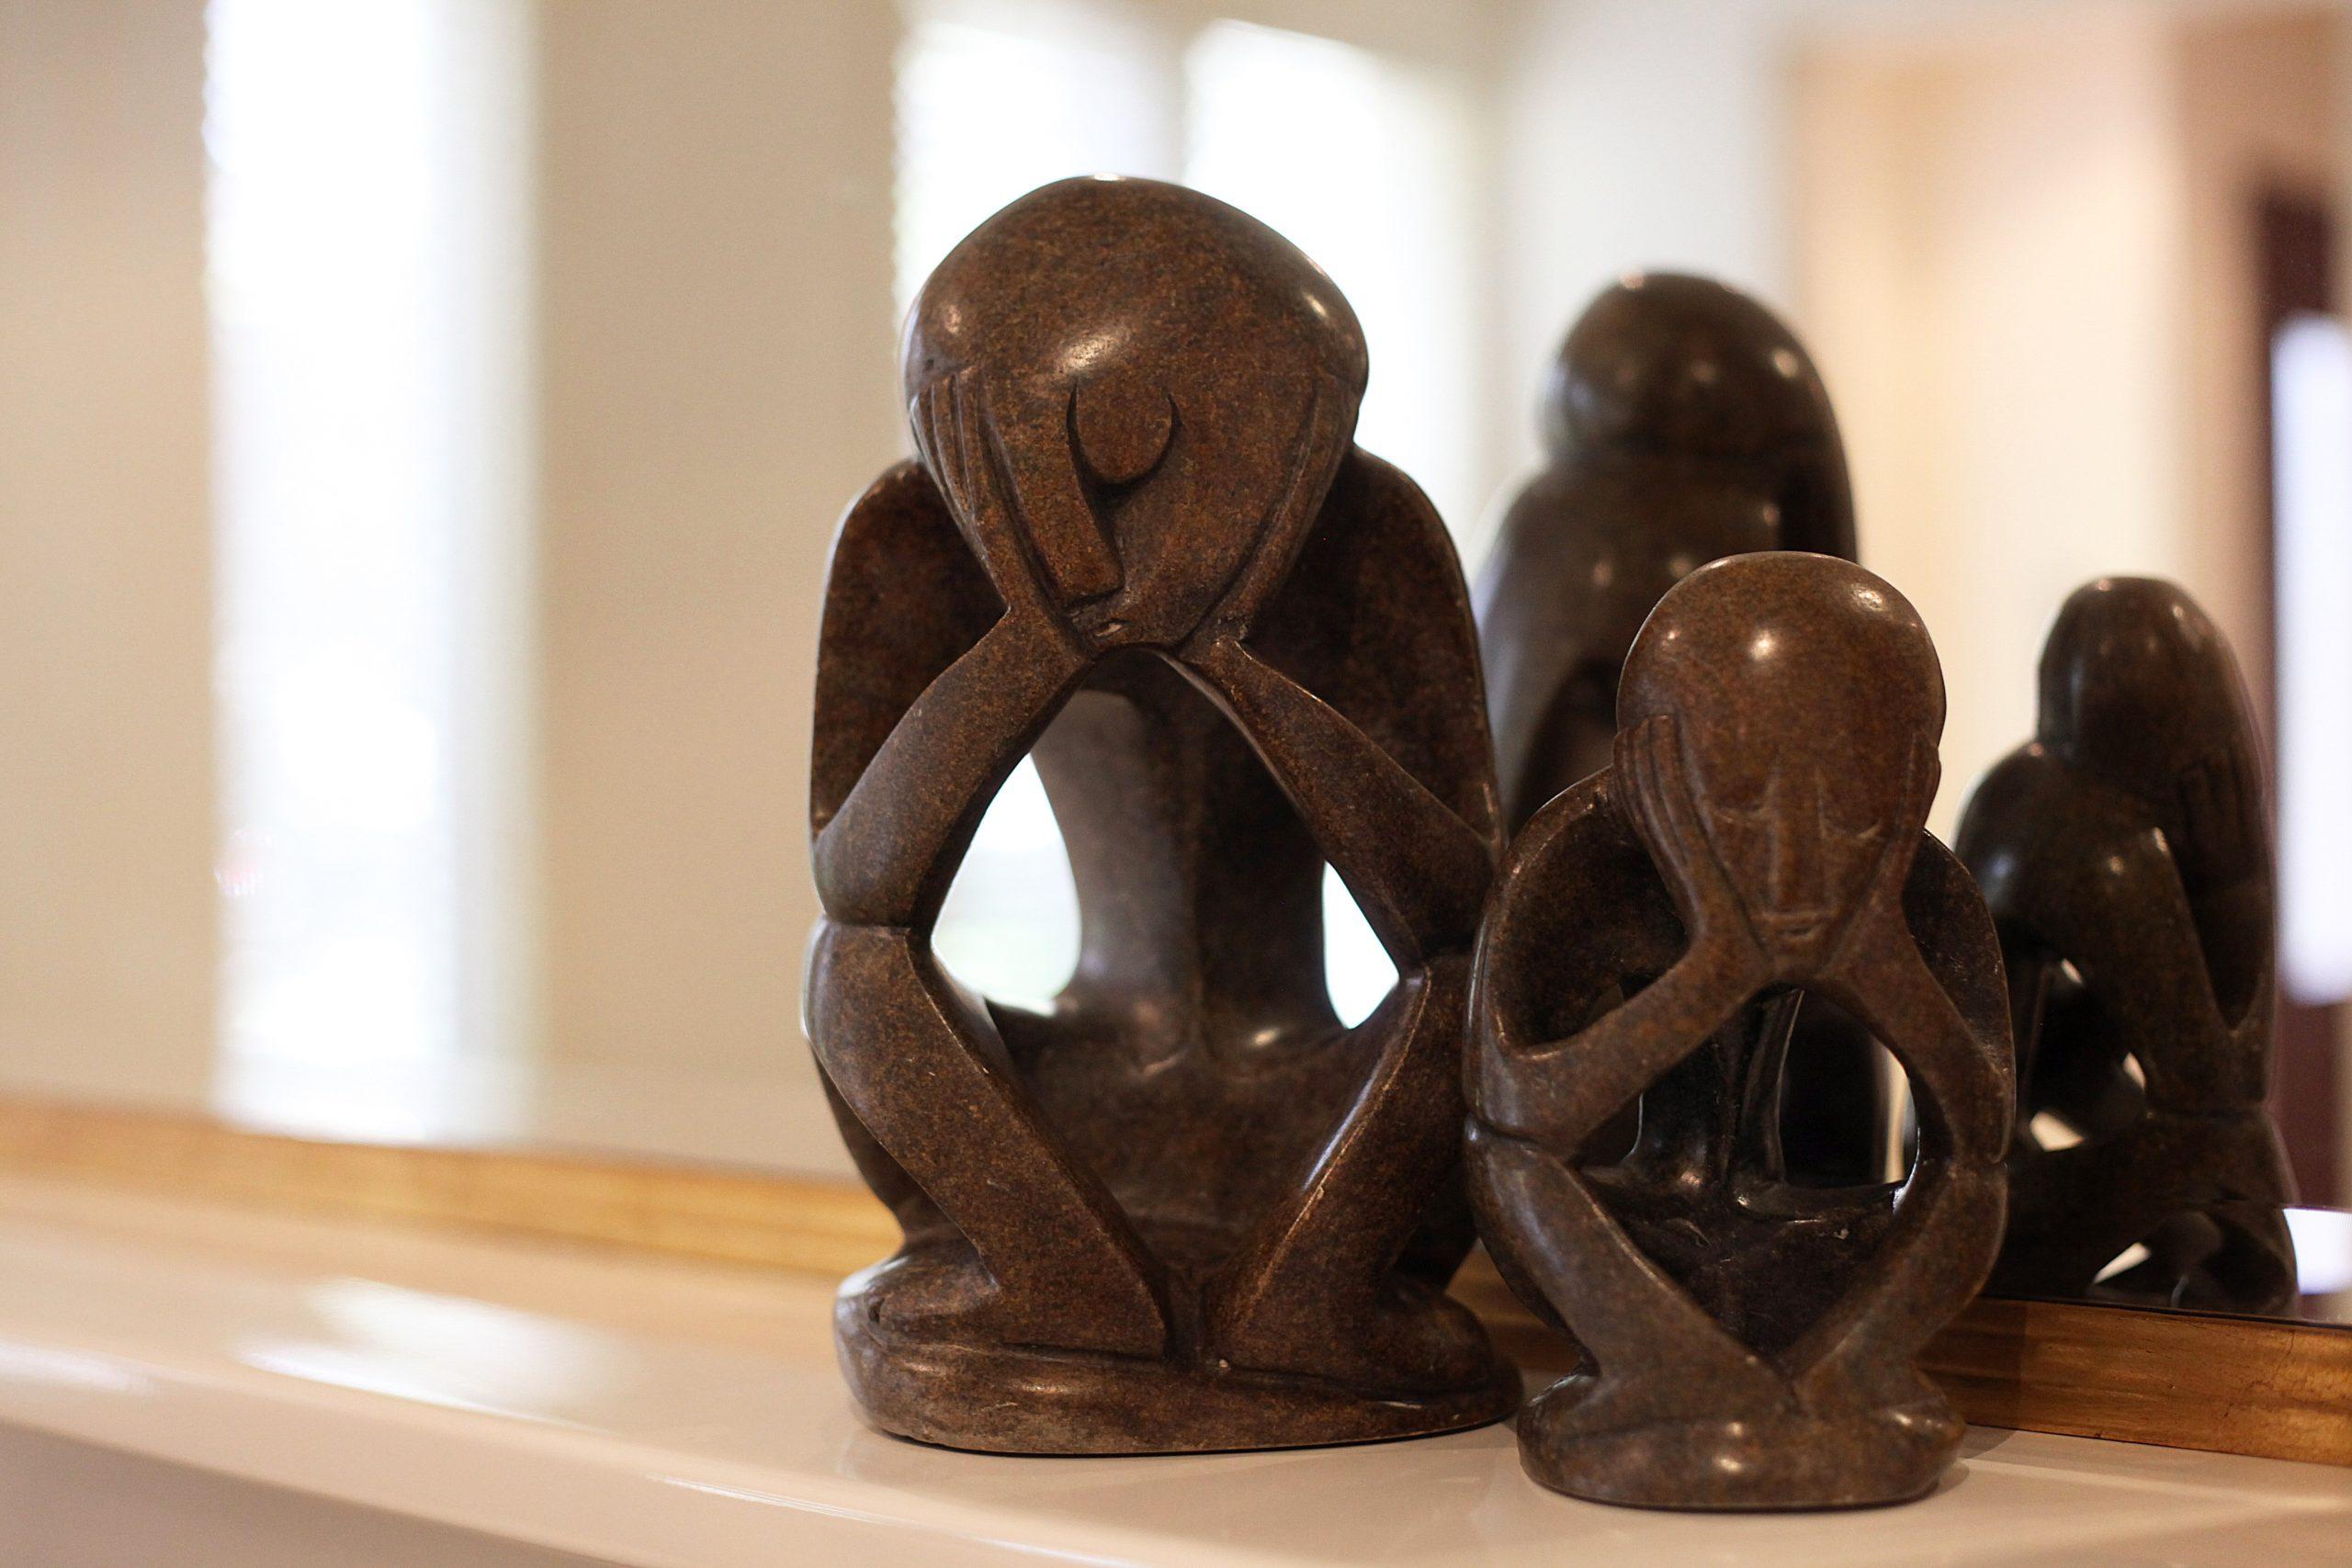 Sad Sculpture Pair - Interior Designer Melbourne